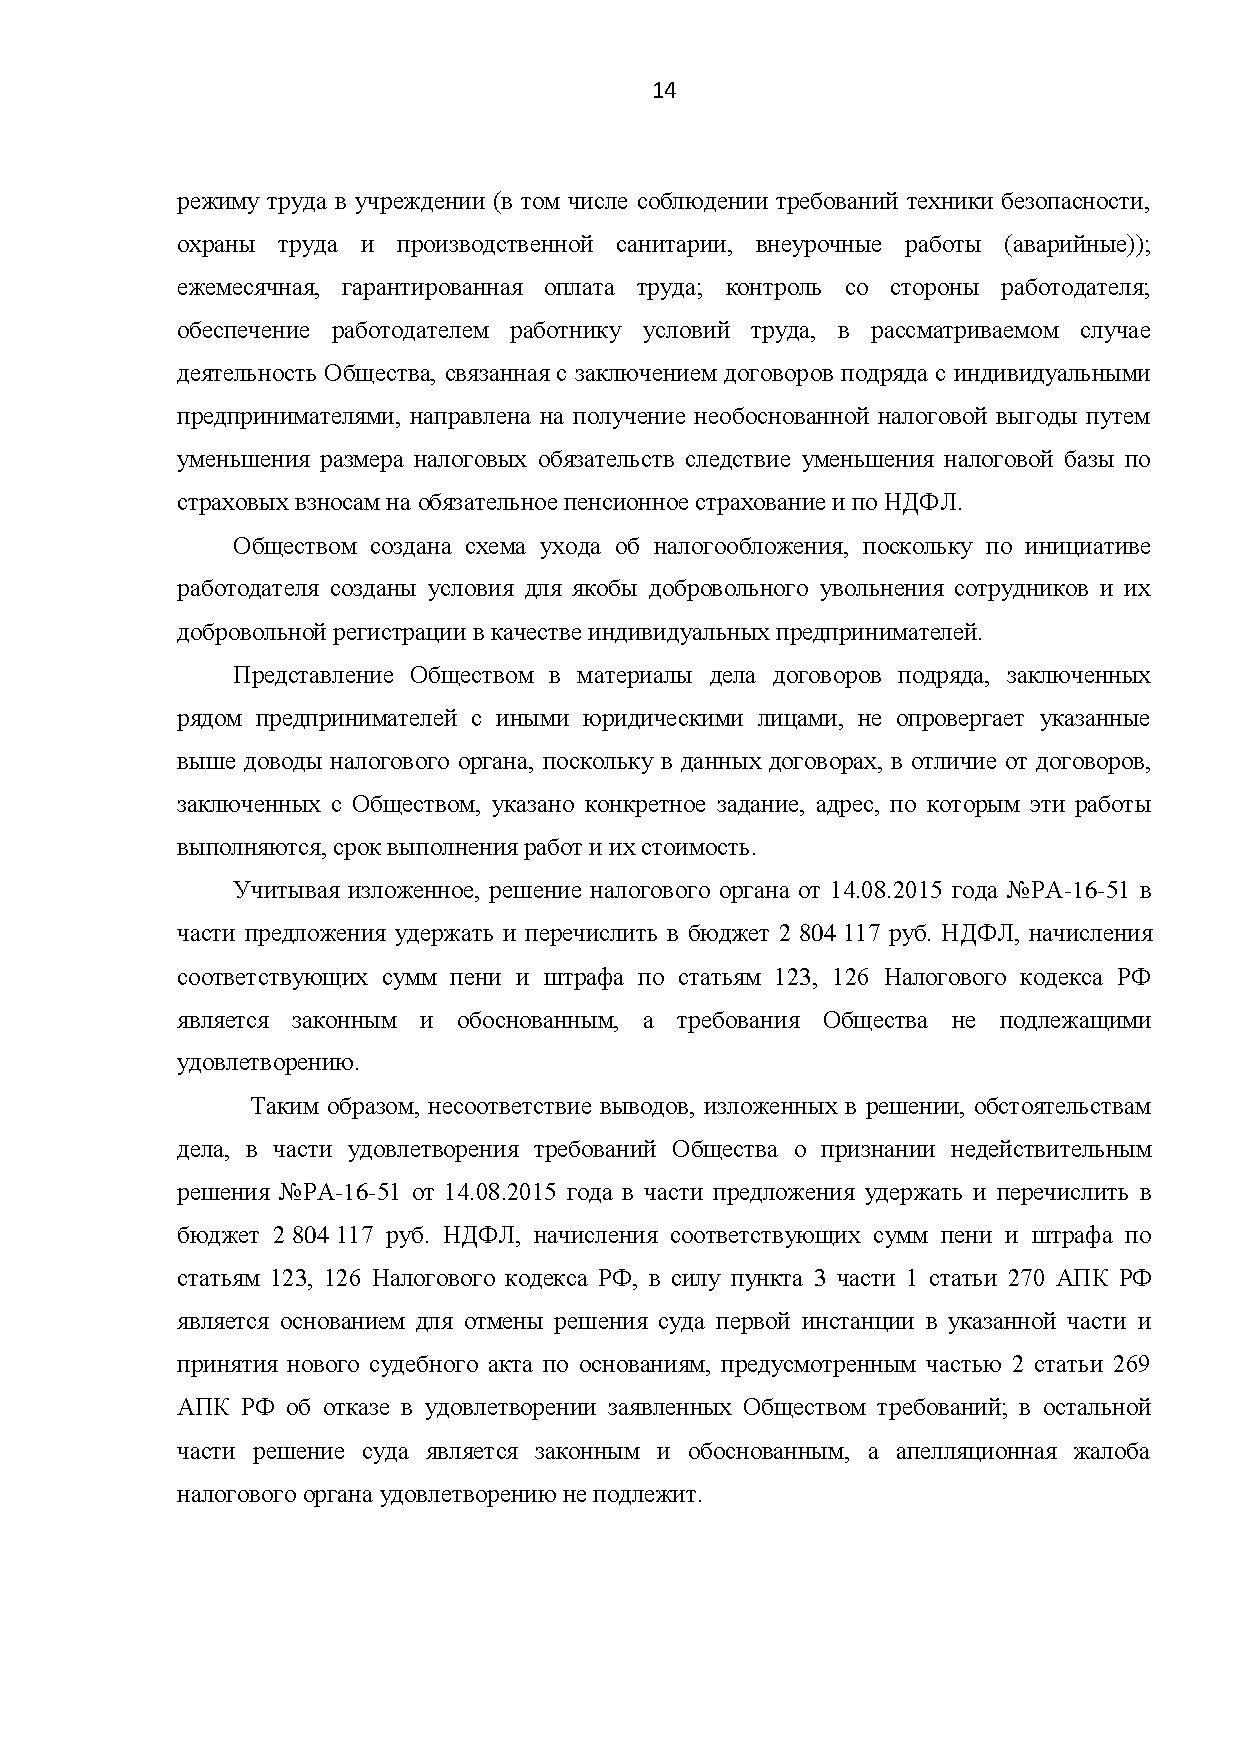 Суды не позволили бийскому «Лифтремонту» уйти от НДФЛ с помощью увольнения работников и их регистрации как ИП